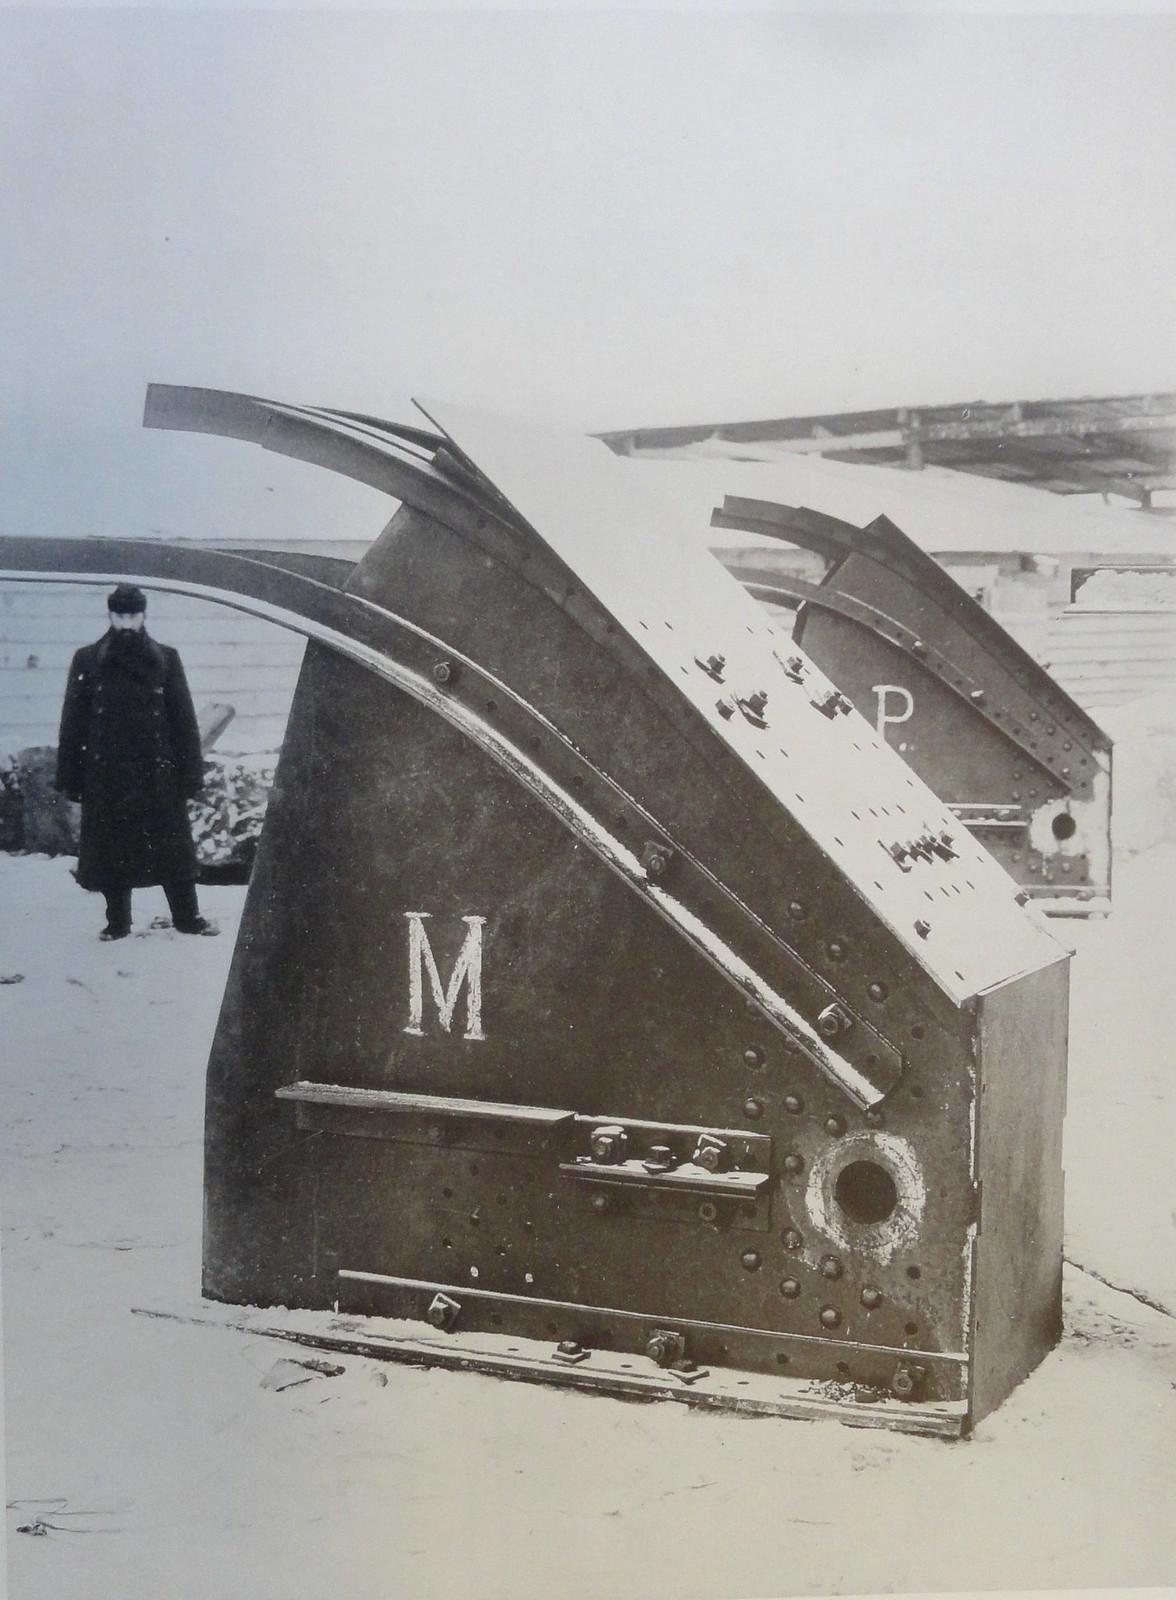 1901. Концевая часть (опрокинутая)у ключевого шарнира среднего арочного пролета.6 января